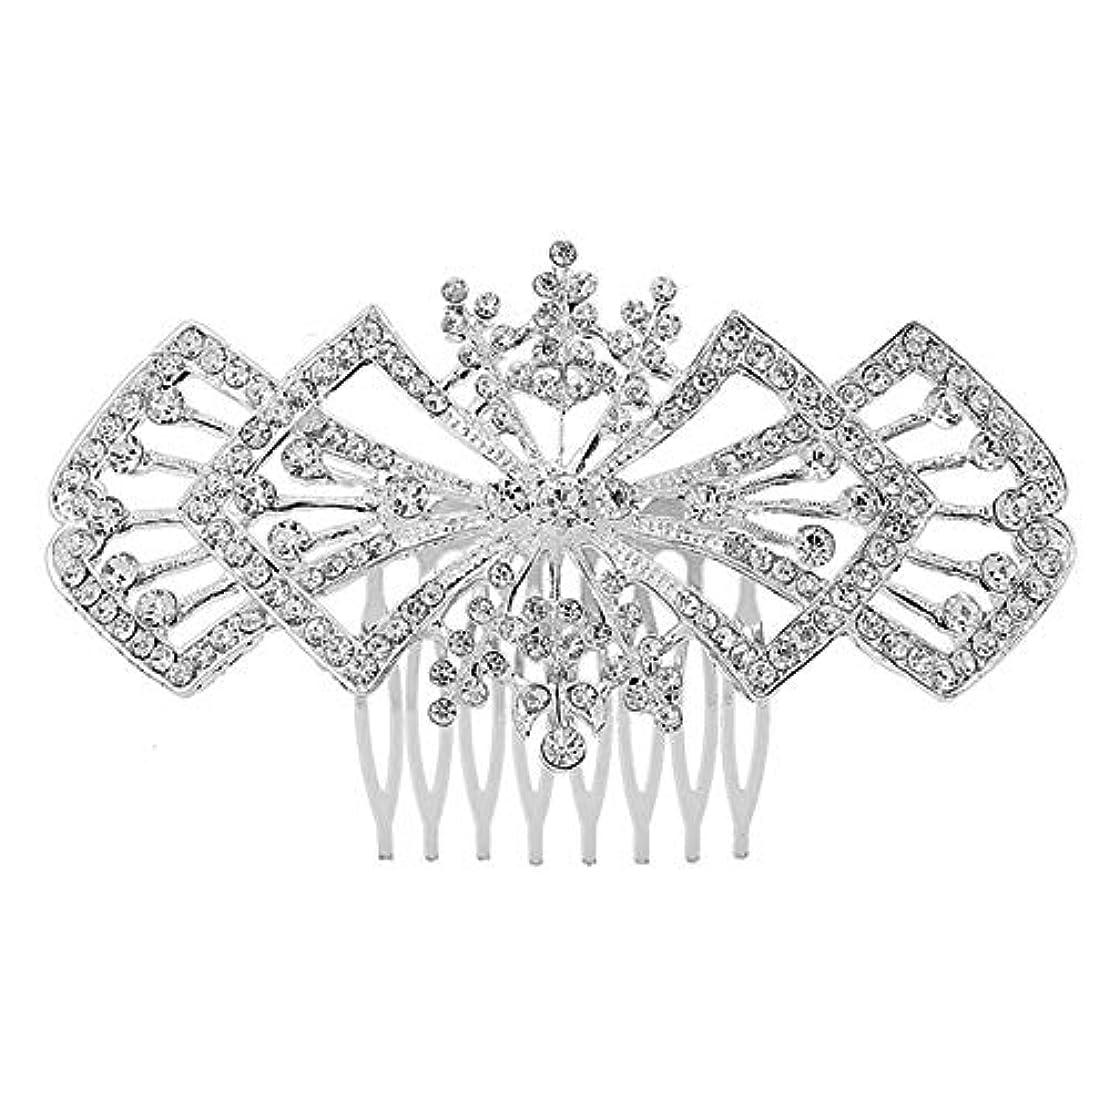 フライトラフ睡眠直径髪の櫛の櫛の櫛の花嫁の髪の櫛の花の髪の櫛のラインストーンの挿入物の櫛の合金の帽子の結婚式の宝石類